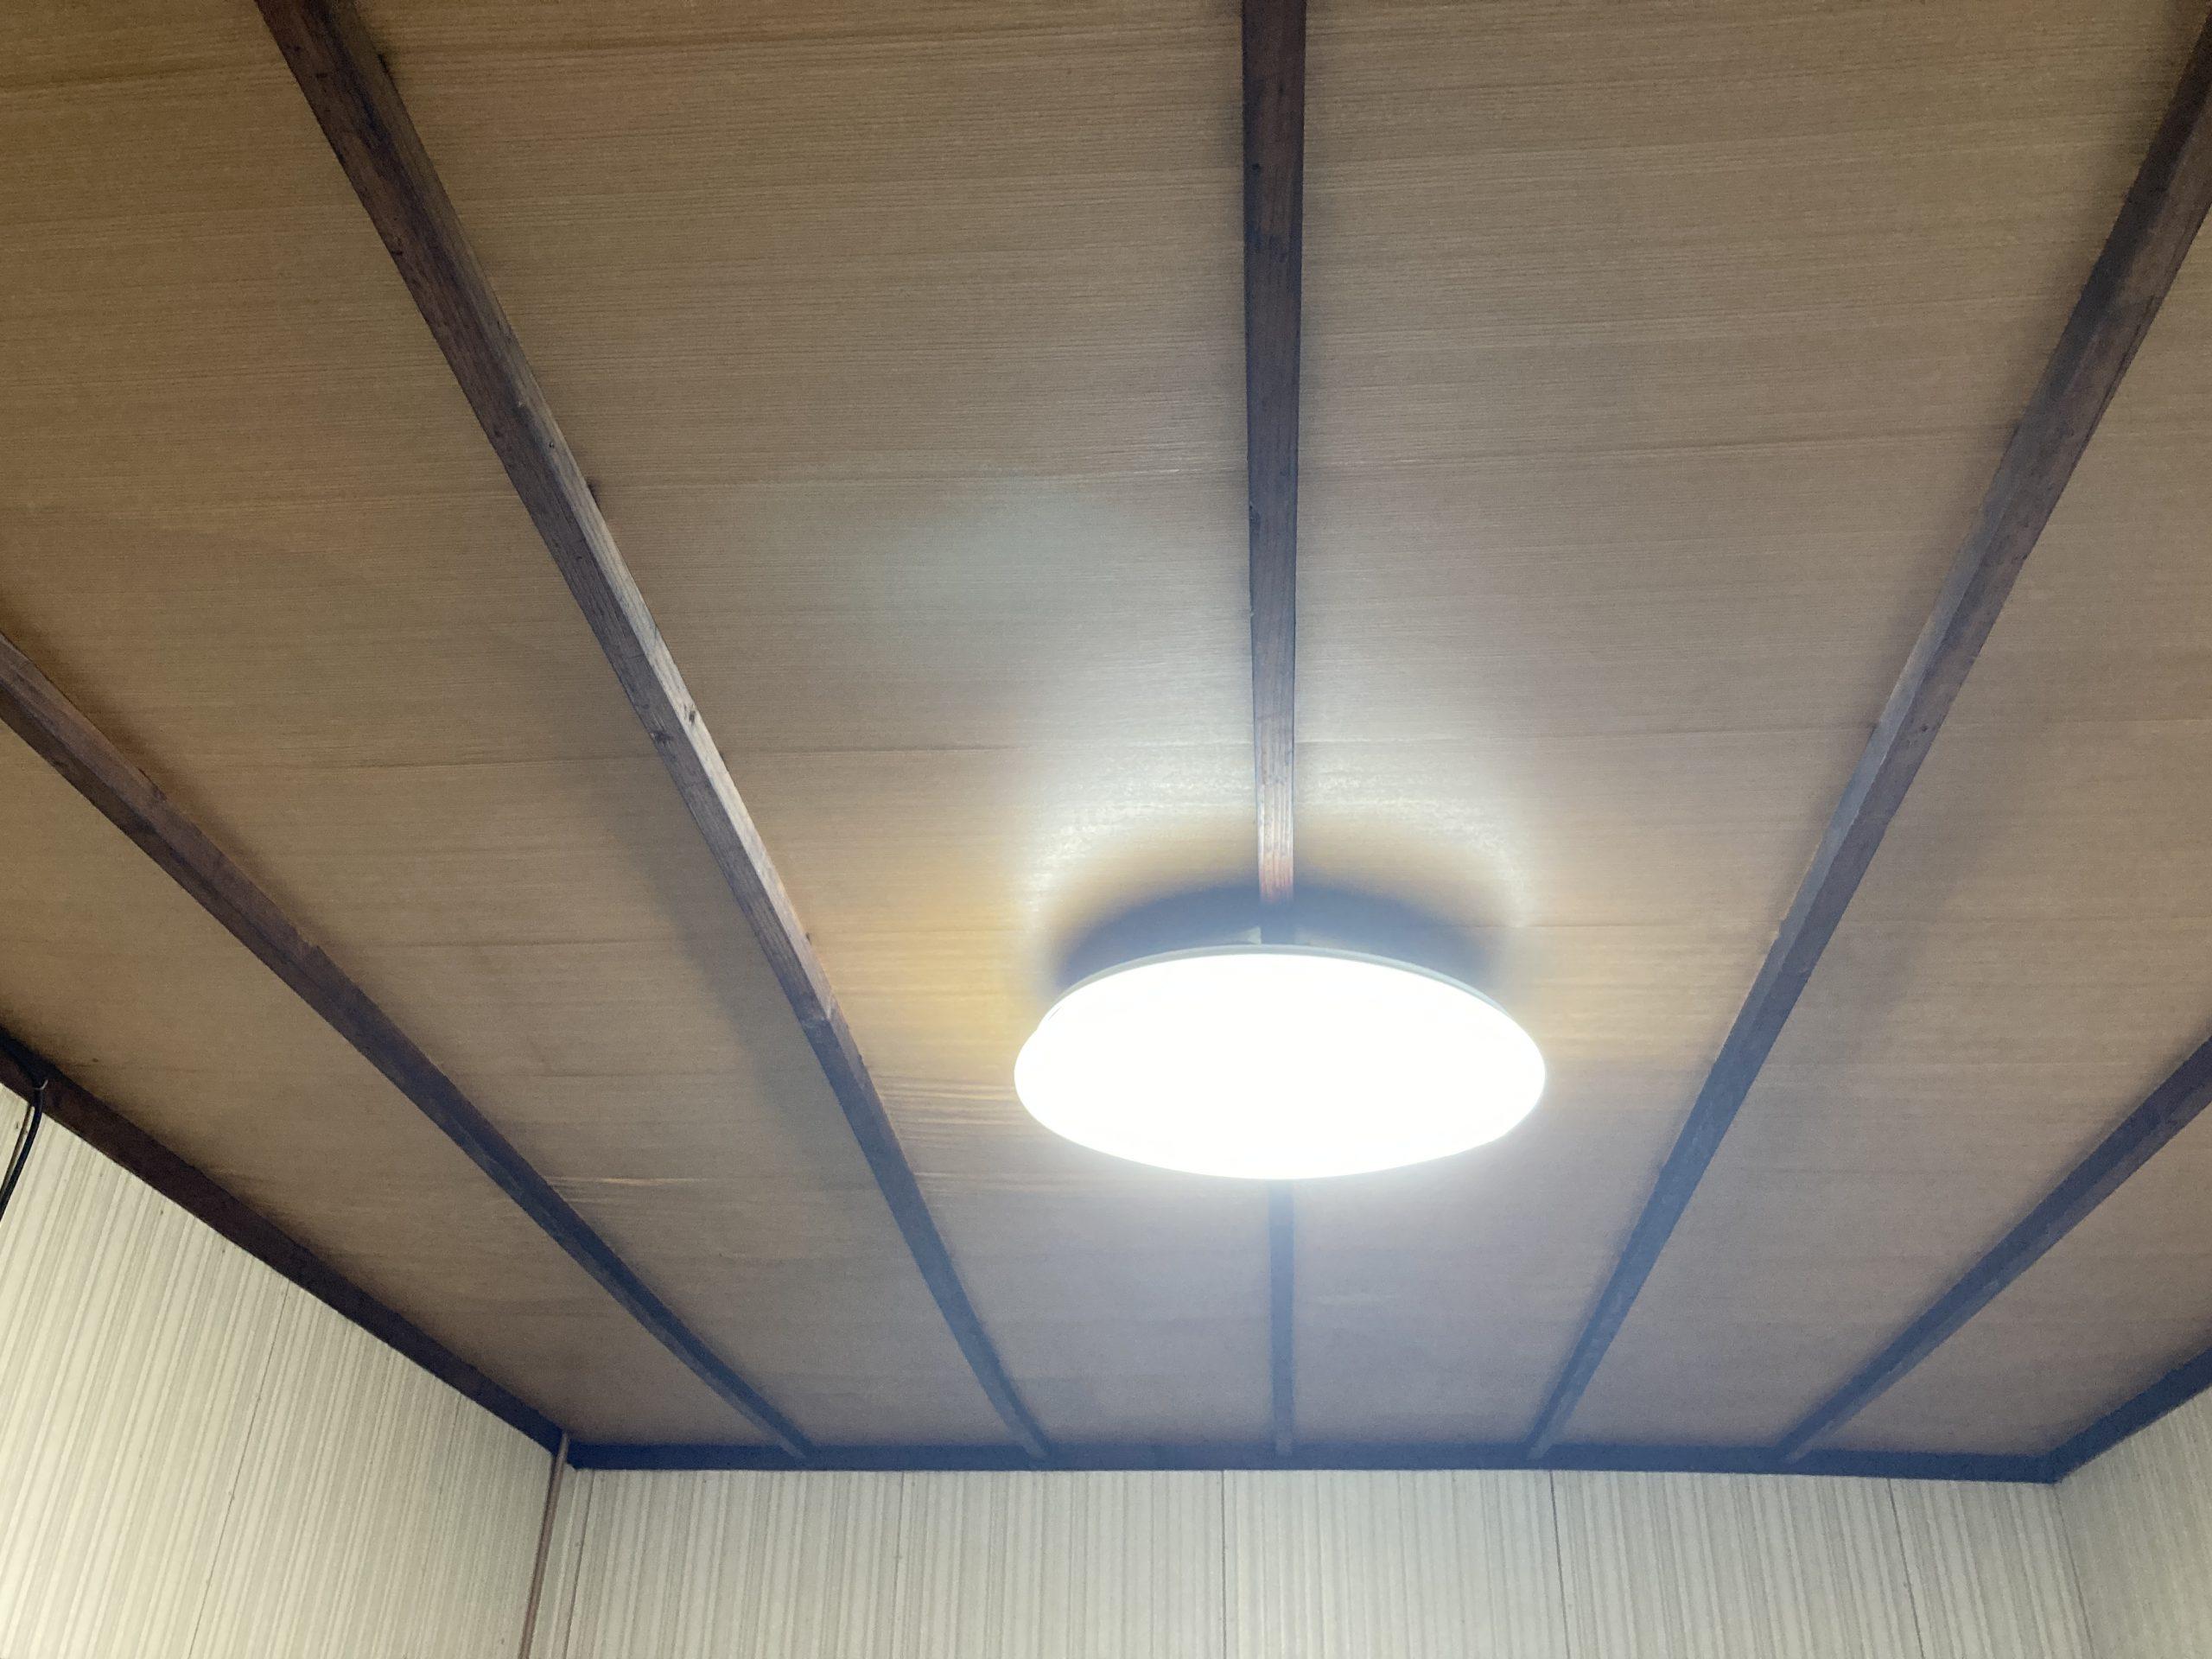 犬山市で雨漏りしている瓦屋根の無料点検を行いました